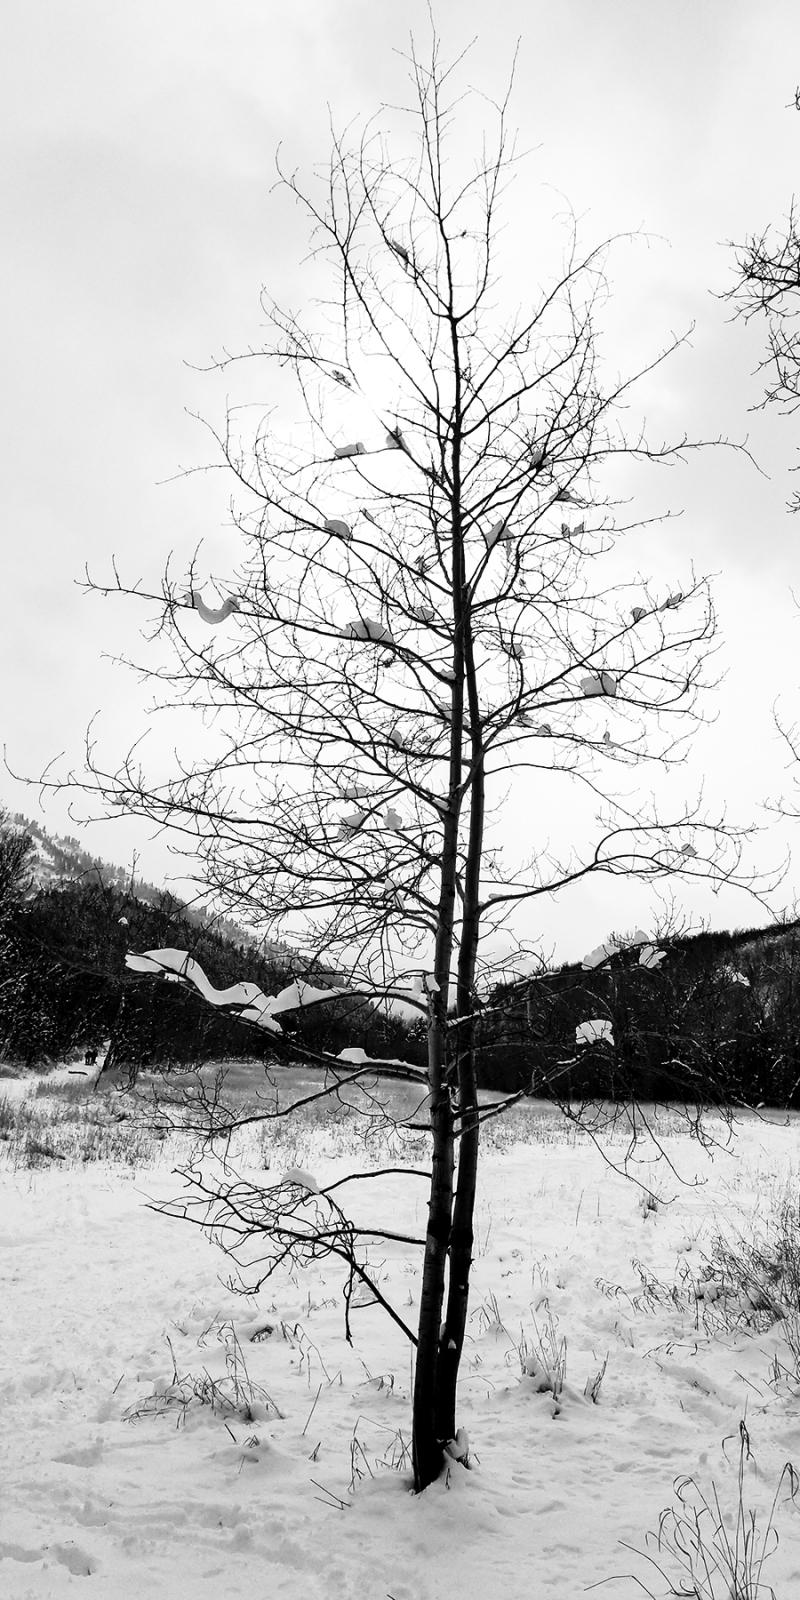 Snowy utah trees